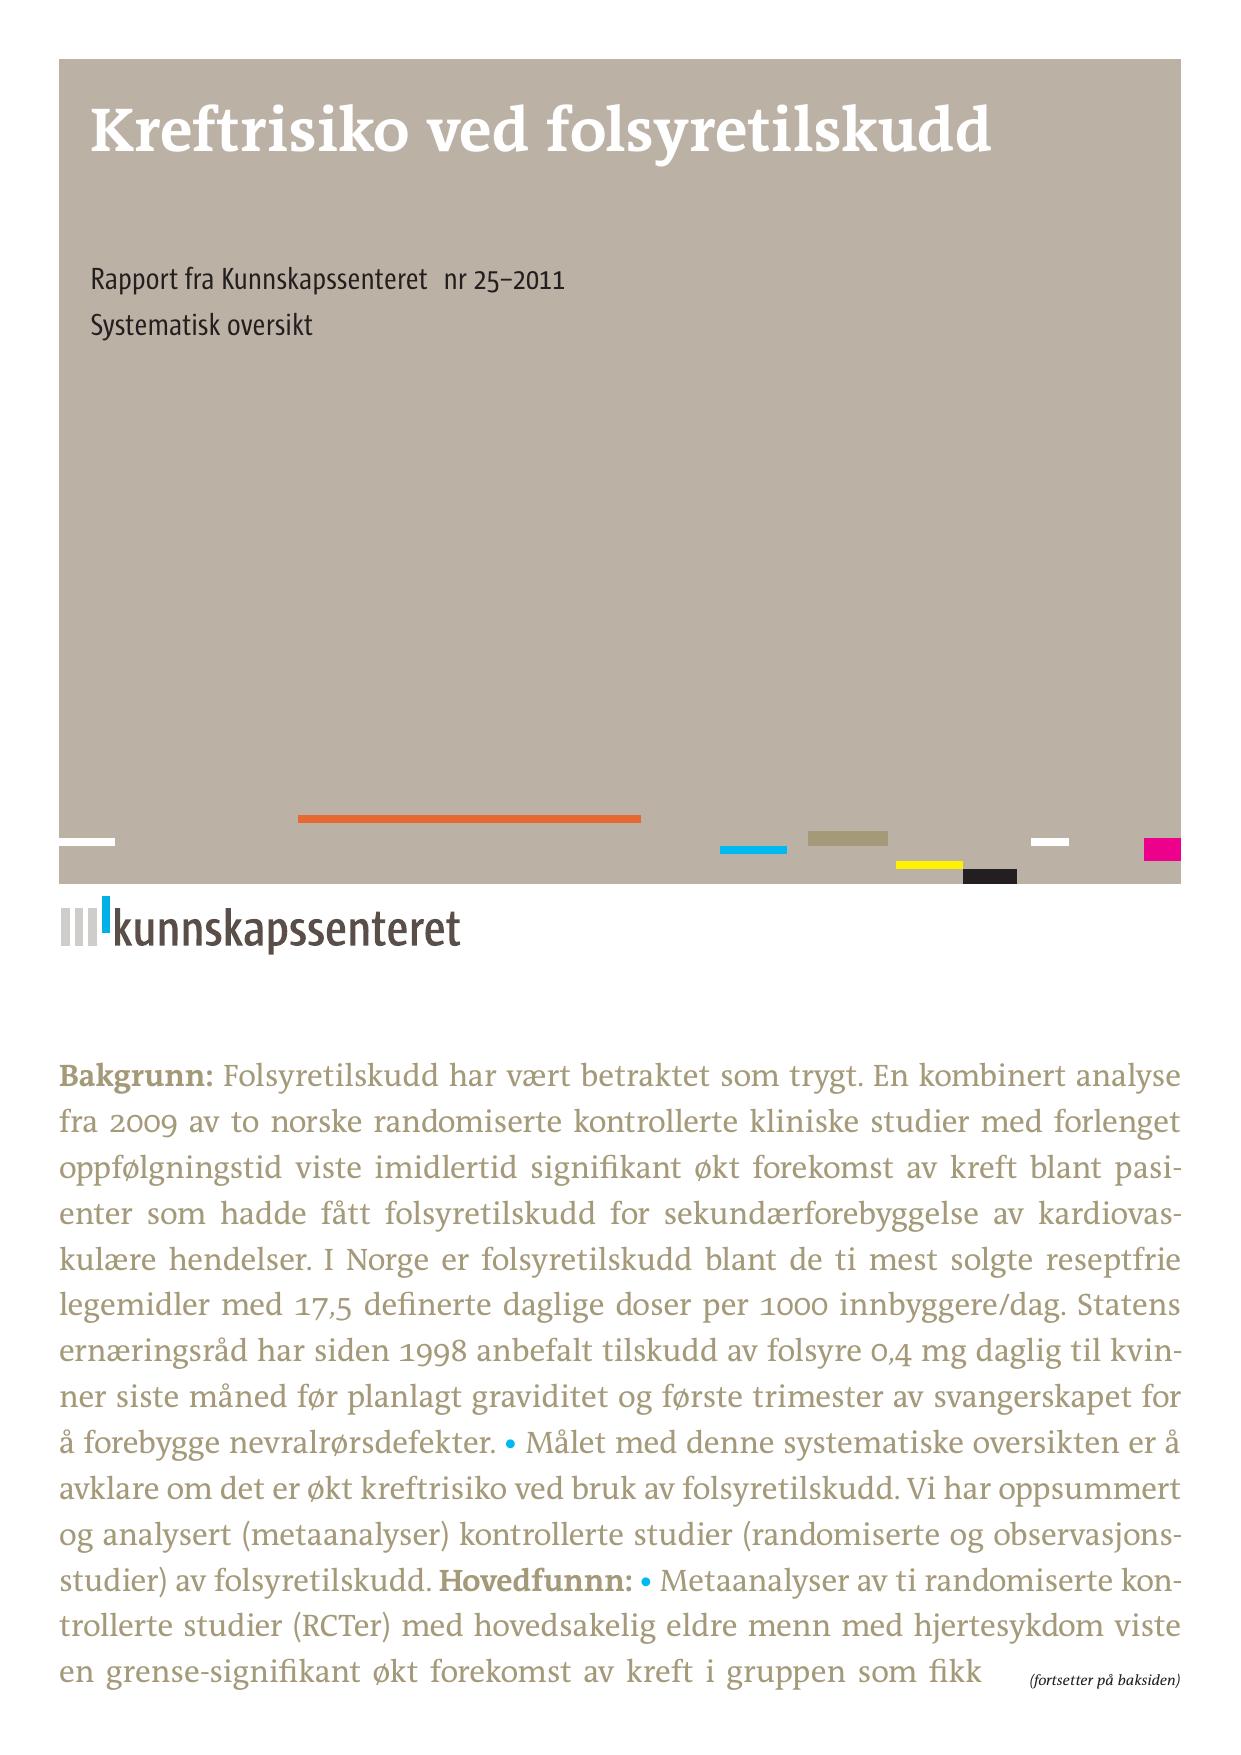 svenske kjønnslepper før og etter